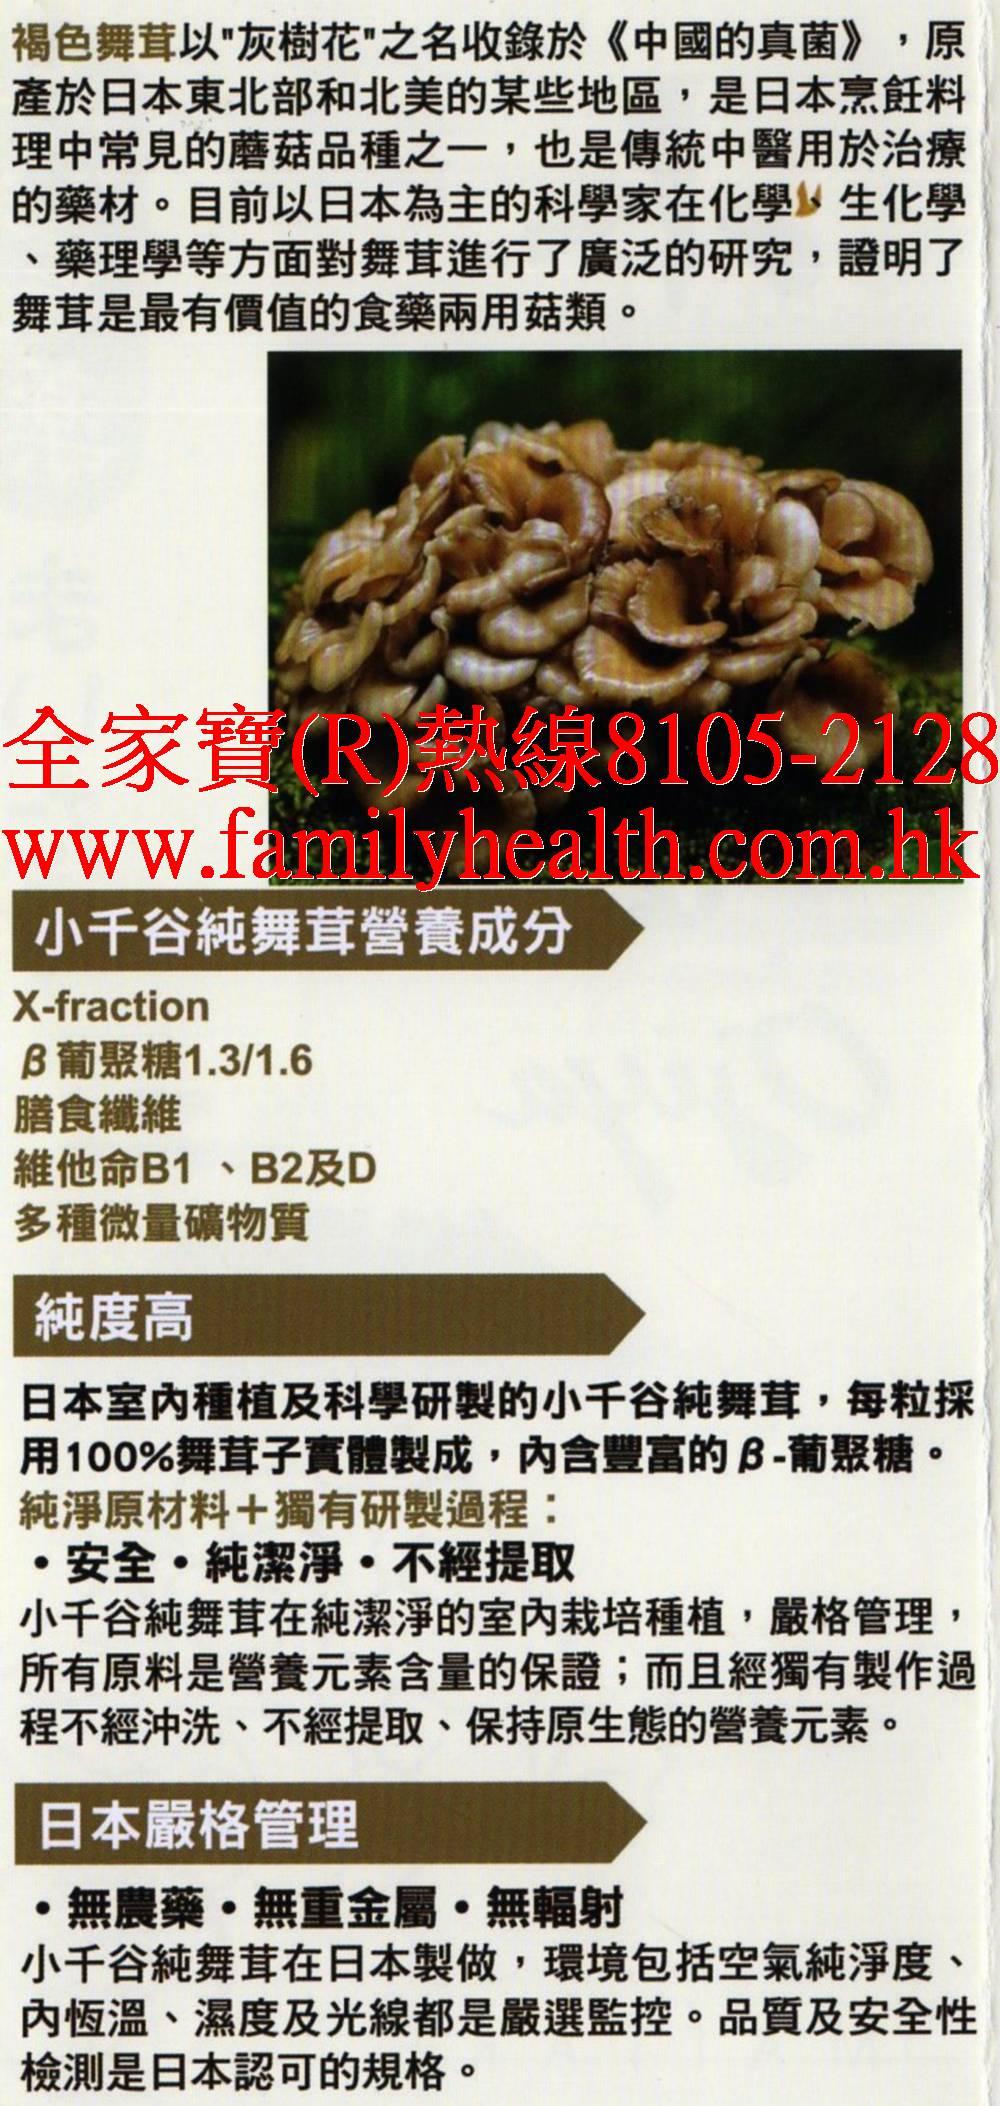 http://www.familyhealth.com.hk/files/full/939_2.jpg